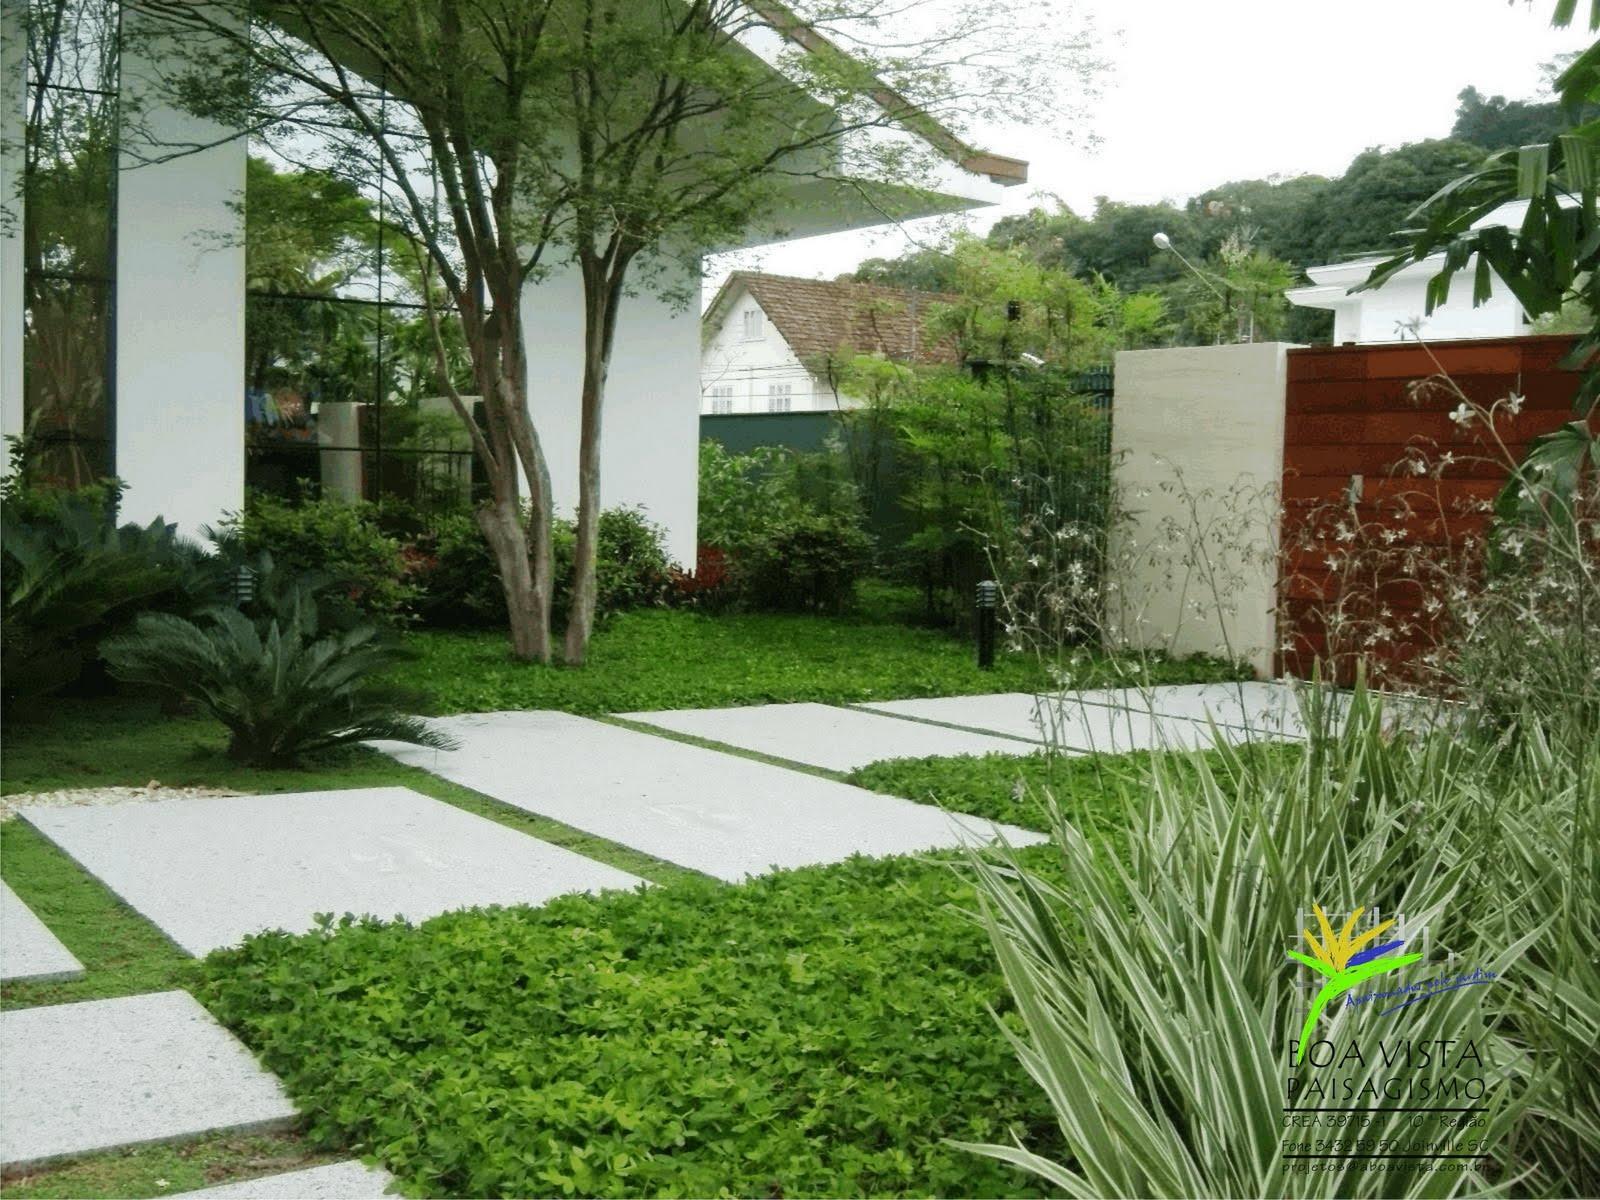 imagens paisagismo jardins : imagens paisagismo jardins:Boa Vista Projetos de Paisagismo: Outubro 2011